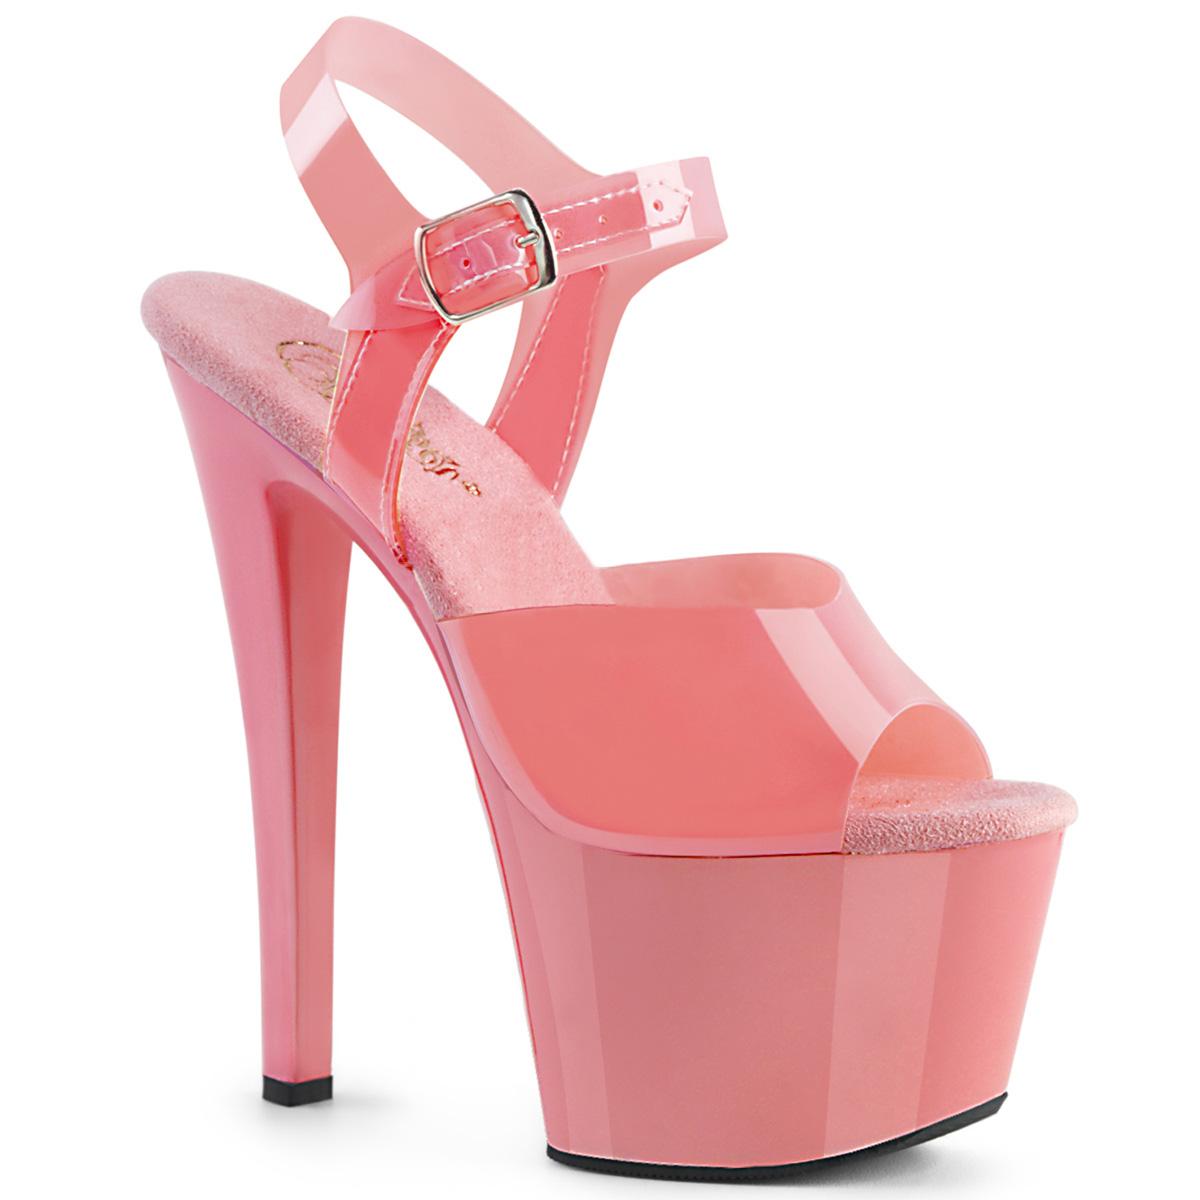 Platform High Heels SKY-308N - TPU Baby